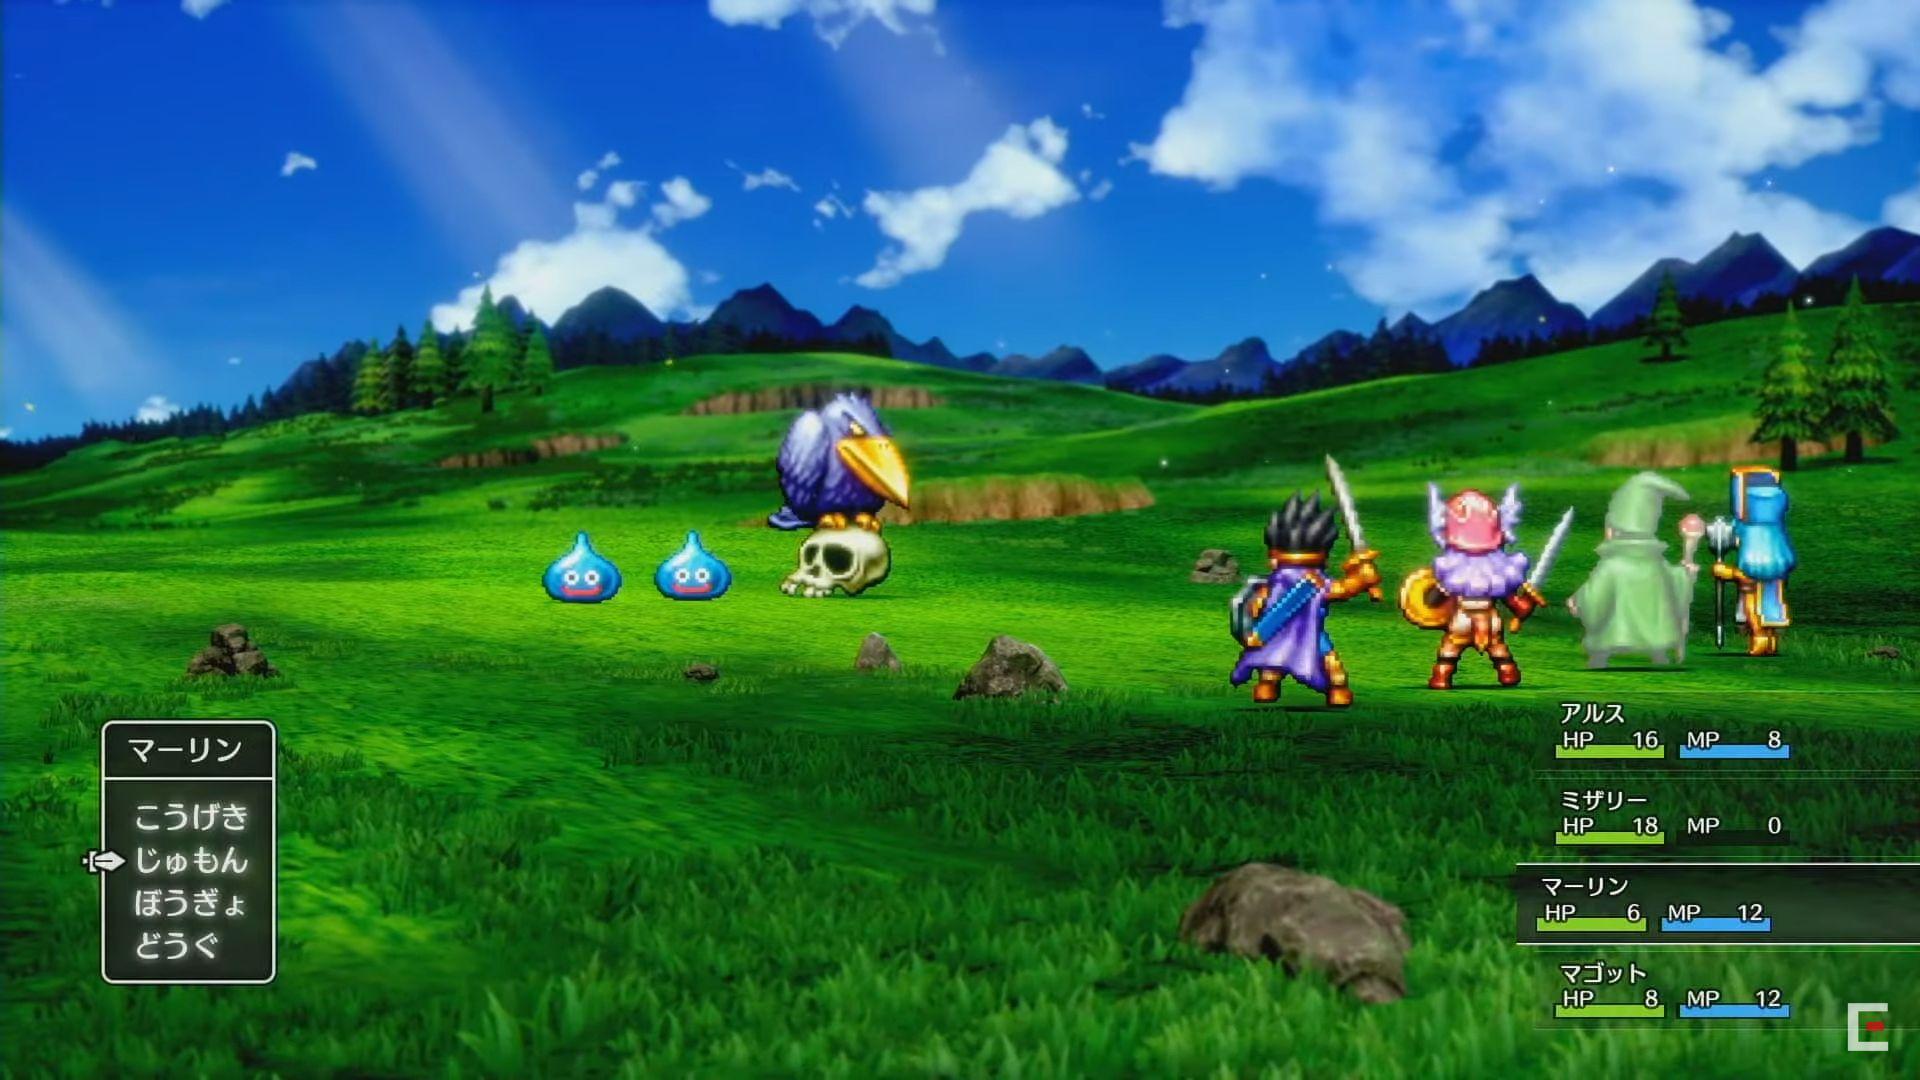 Dragon Quest 3 HD-2D Remake